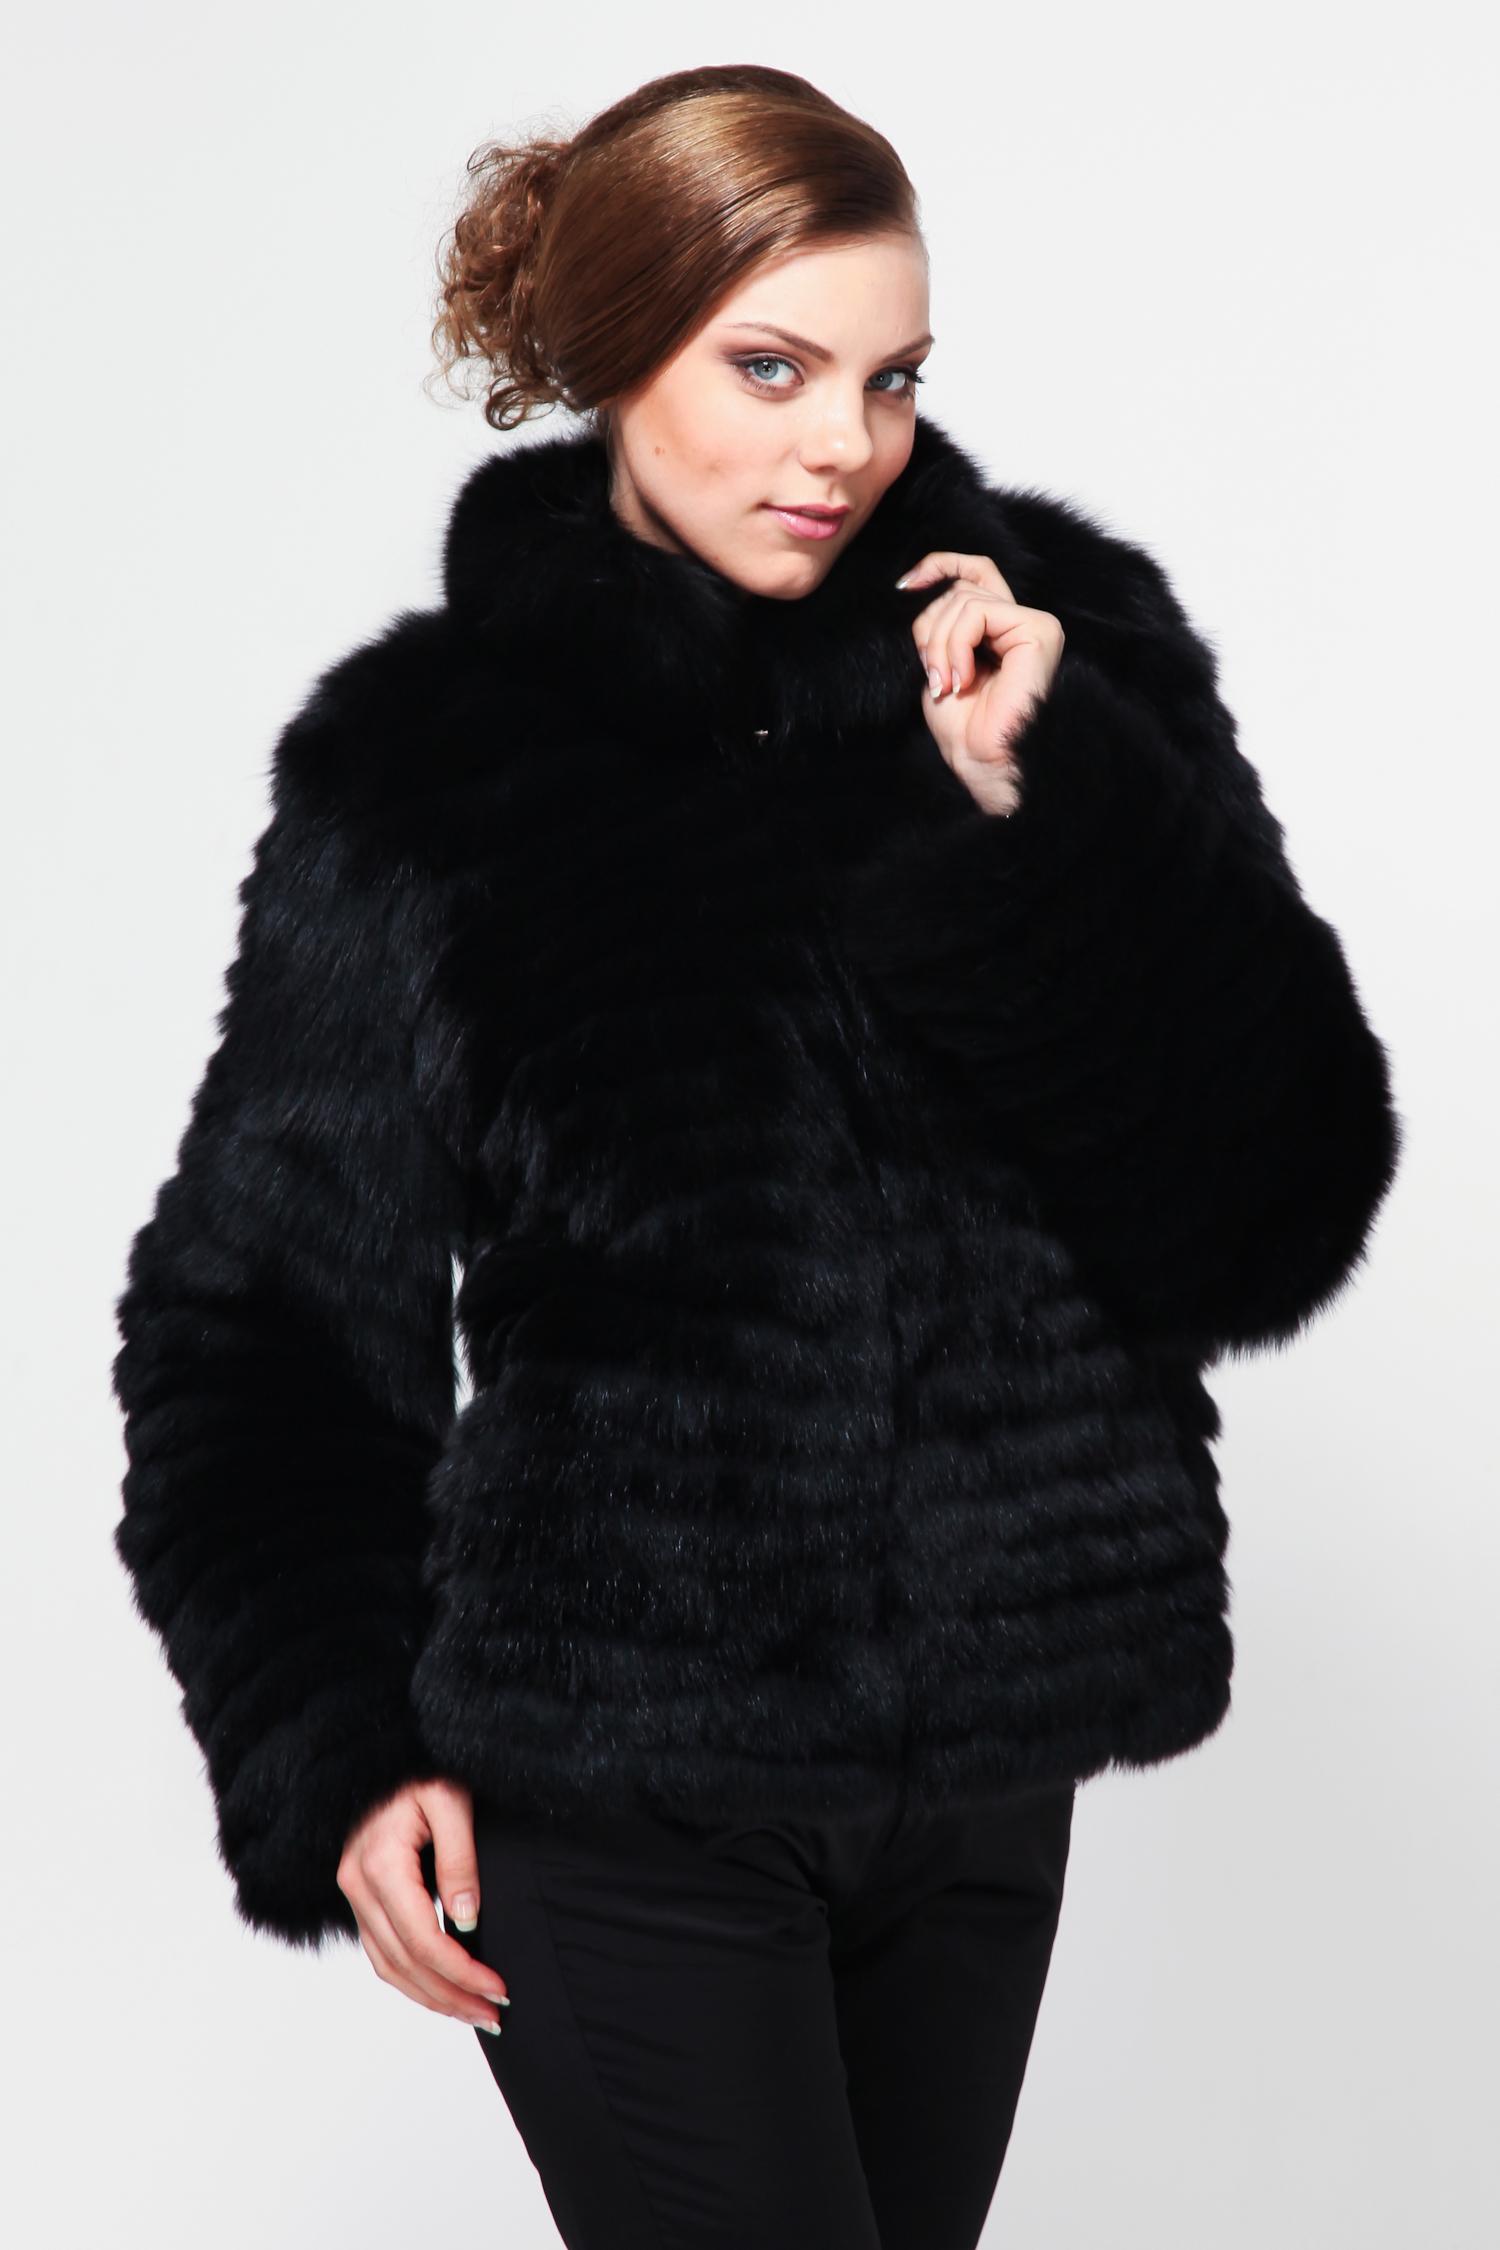 Куртка из песца с воротникомСтильная куртка станет незаменимой вещью в женском гардеробе. Изделие выполнено из натурального меха песца. Застегивается на молнию. Украшением служат роскошный воротник, который идет в отделке из песца, а также рукава изделия. Стильный вариант для прохладной погоды. Классический фасон будет моден на протяжении многих лет.<br><br>Воротник: стойка<br>Длина см: Короткая (51-74 )<br>Цвет: черный<br>Застежка: на молнии<br>Пол: Женский<br>Размер RU: 46